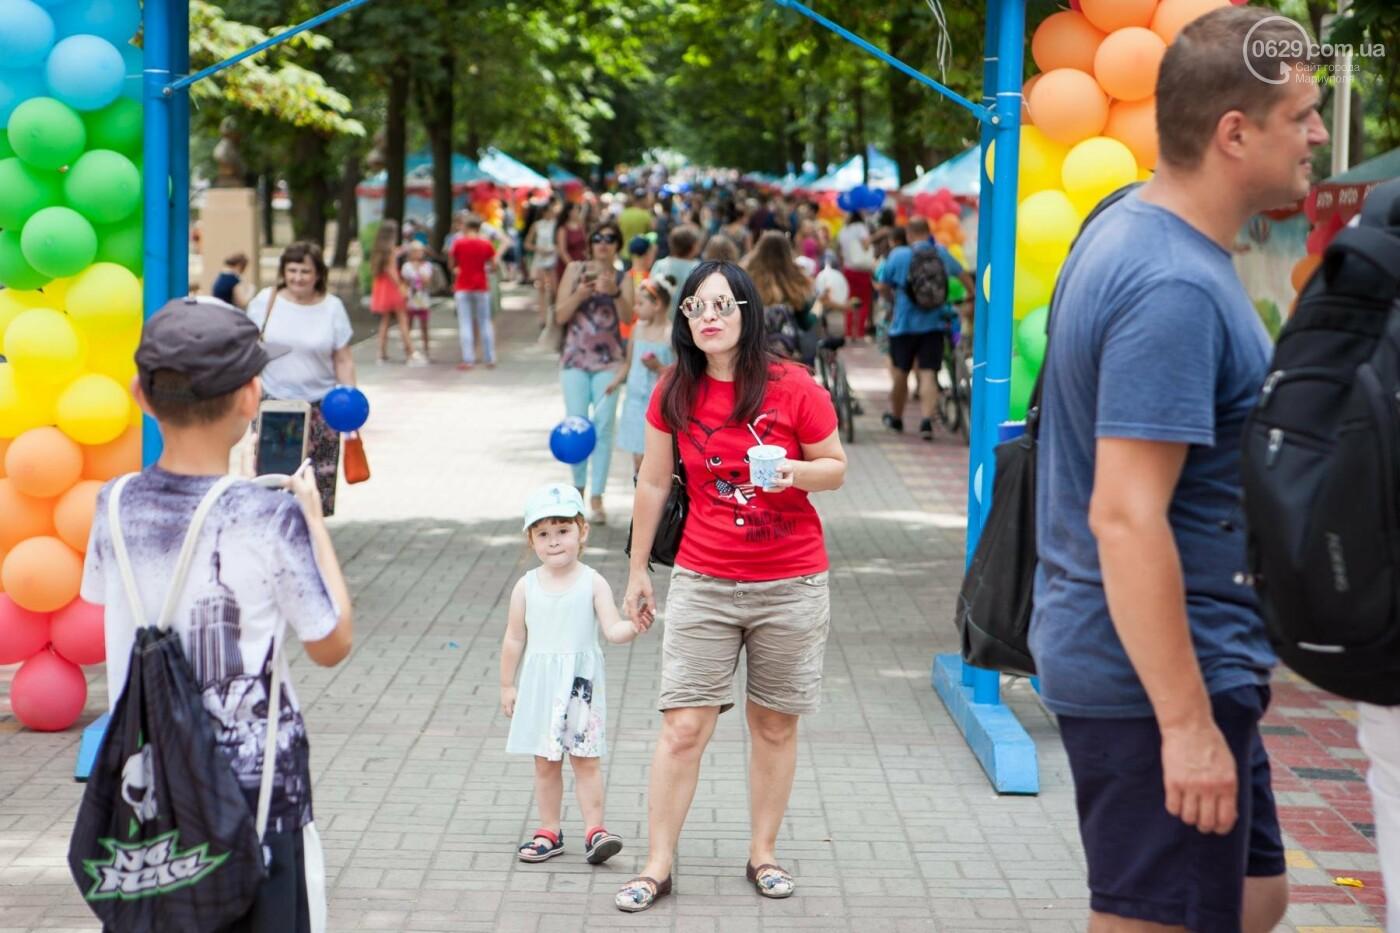 Мариупольцы получили 100% ярких впечатлений на Празднике Мороженого от компании «РУДЬ», фото-15